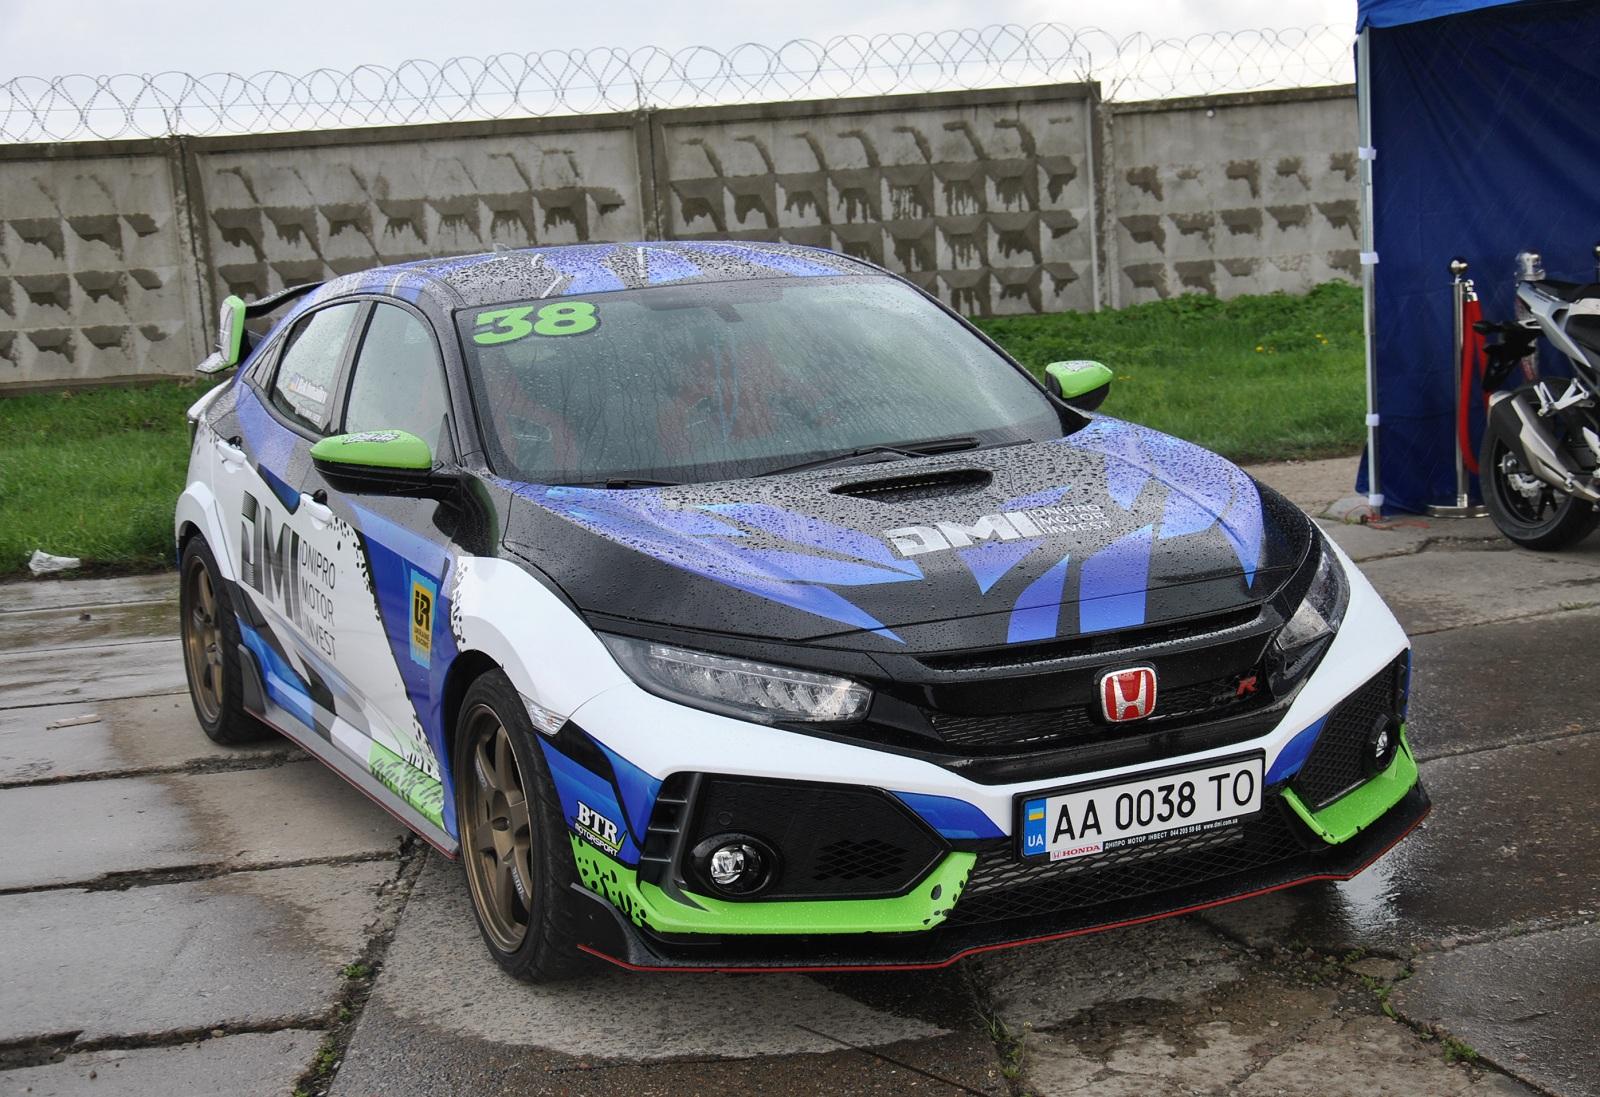 В Украине засветился новейший хот-хэтч Honda Civic Type R